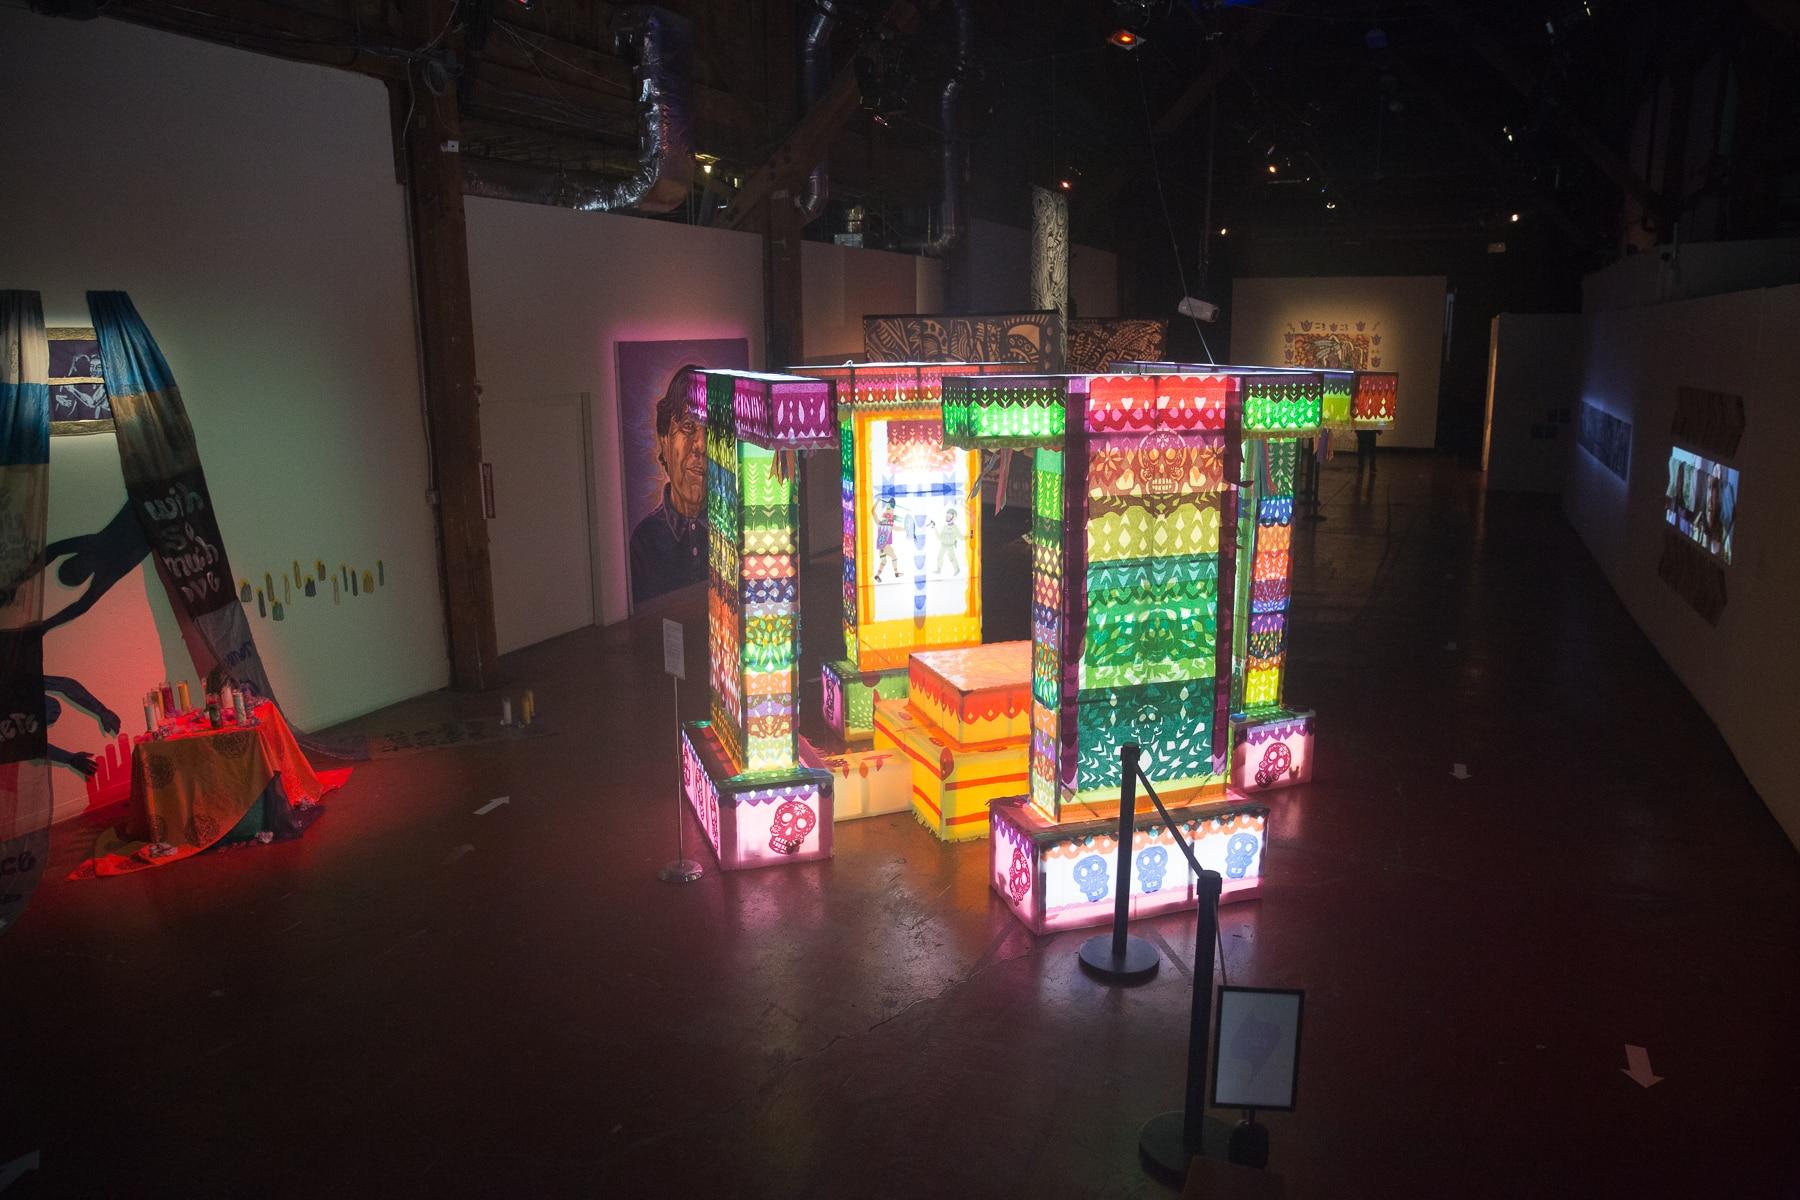 Living Legacies: Día de Los Muertos 2020 virtual tour and gallery